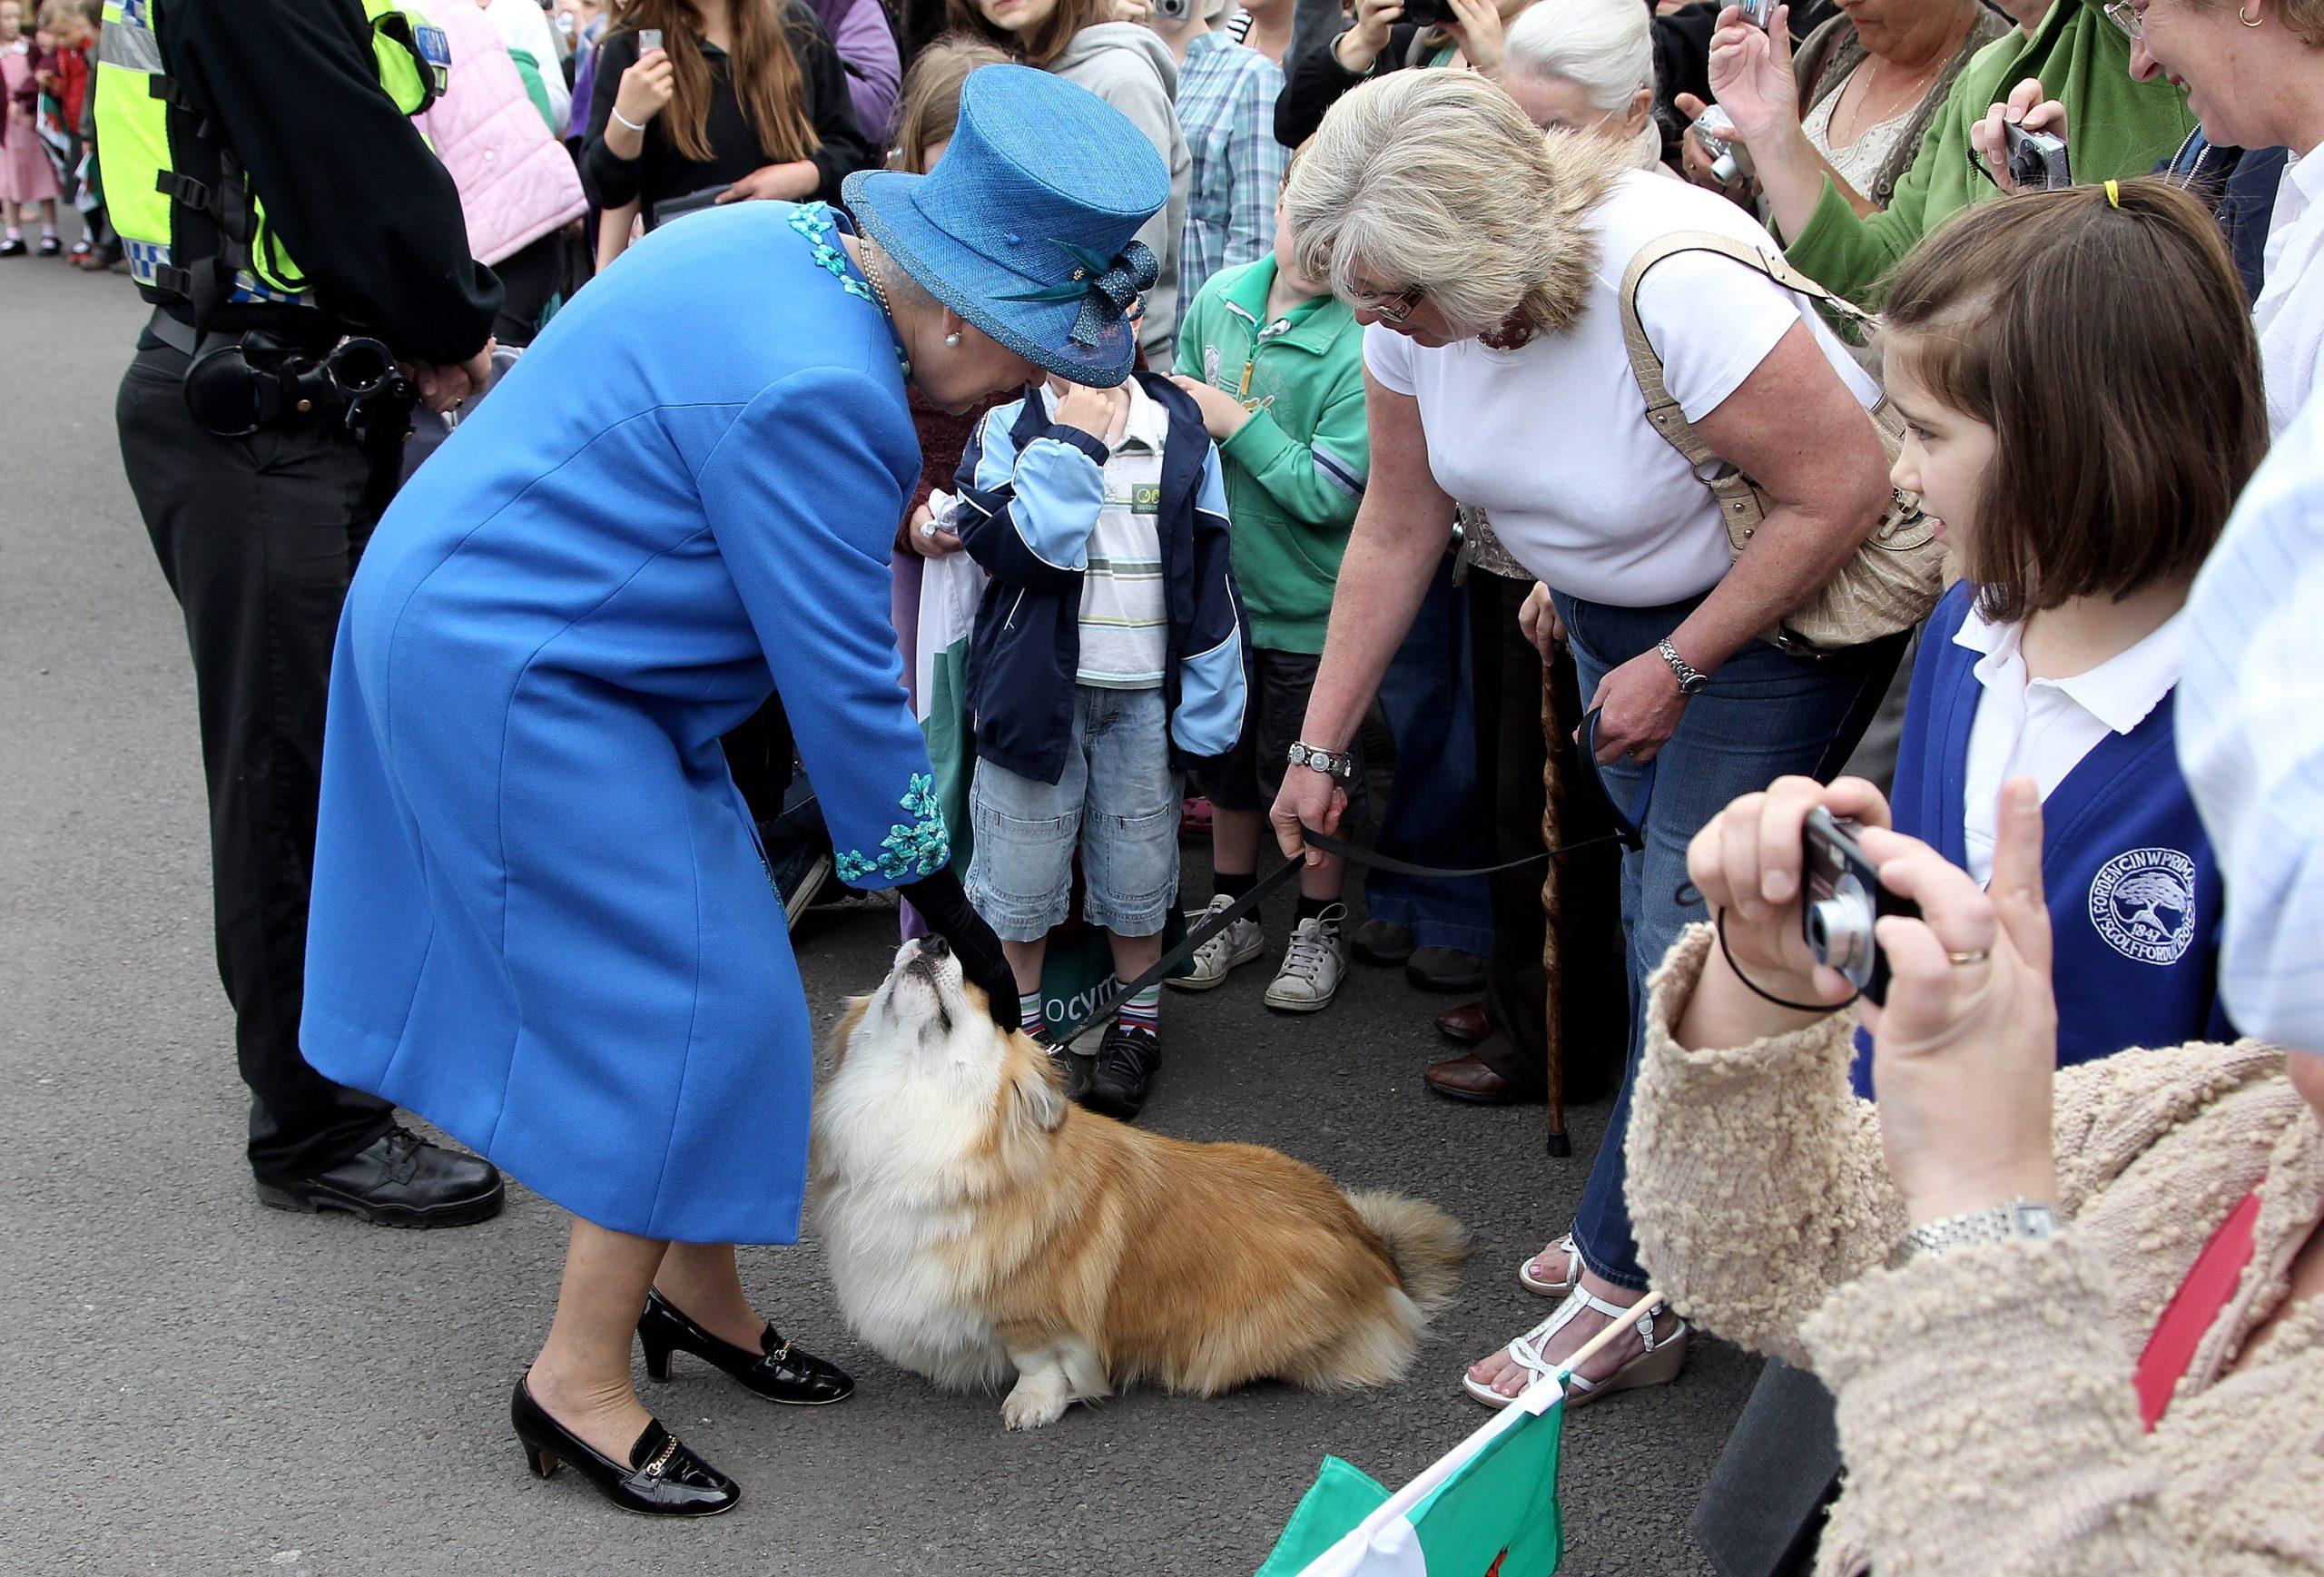 La Reine caresse un corgi lors d'une visite royale au Pays de Galles.